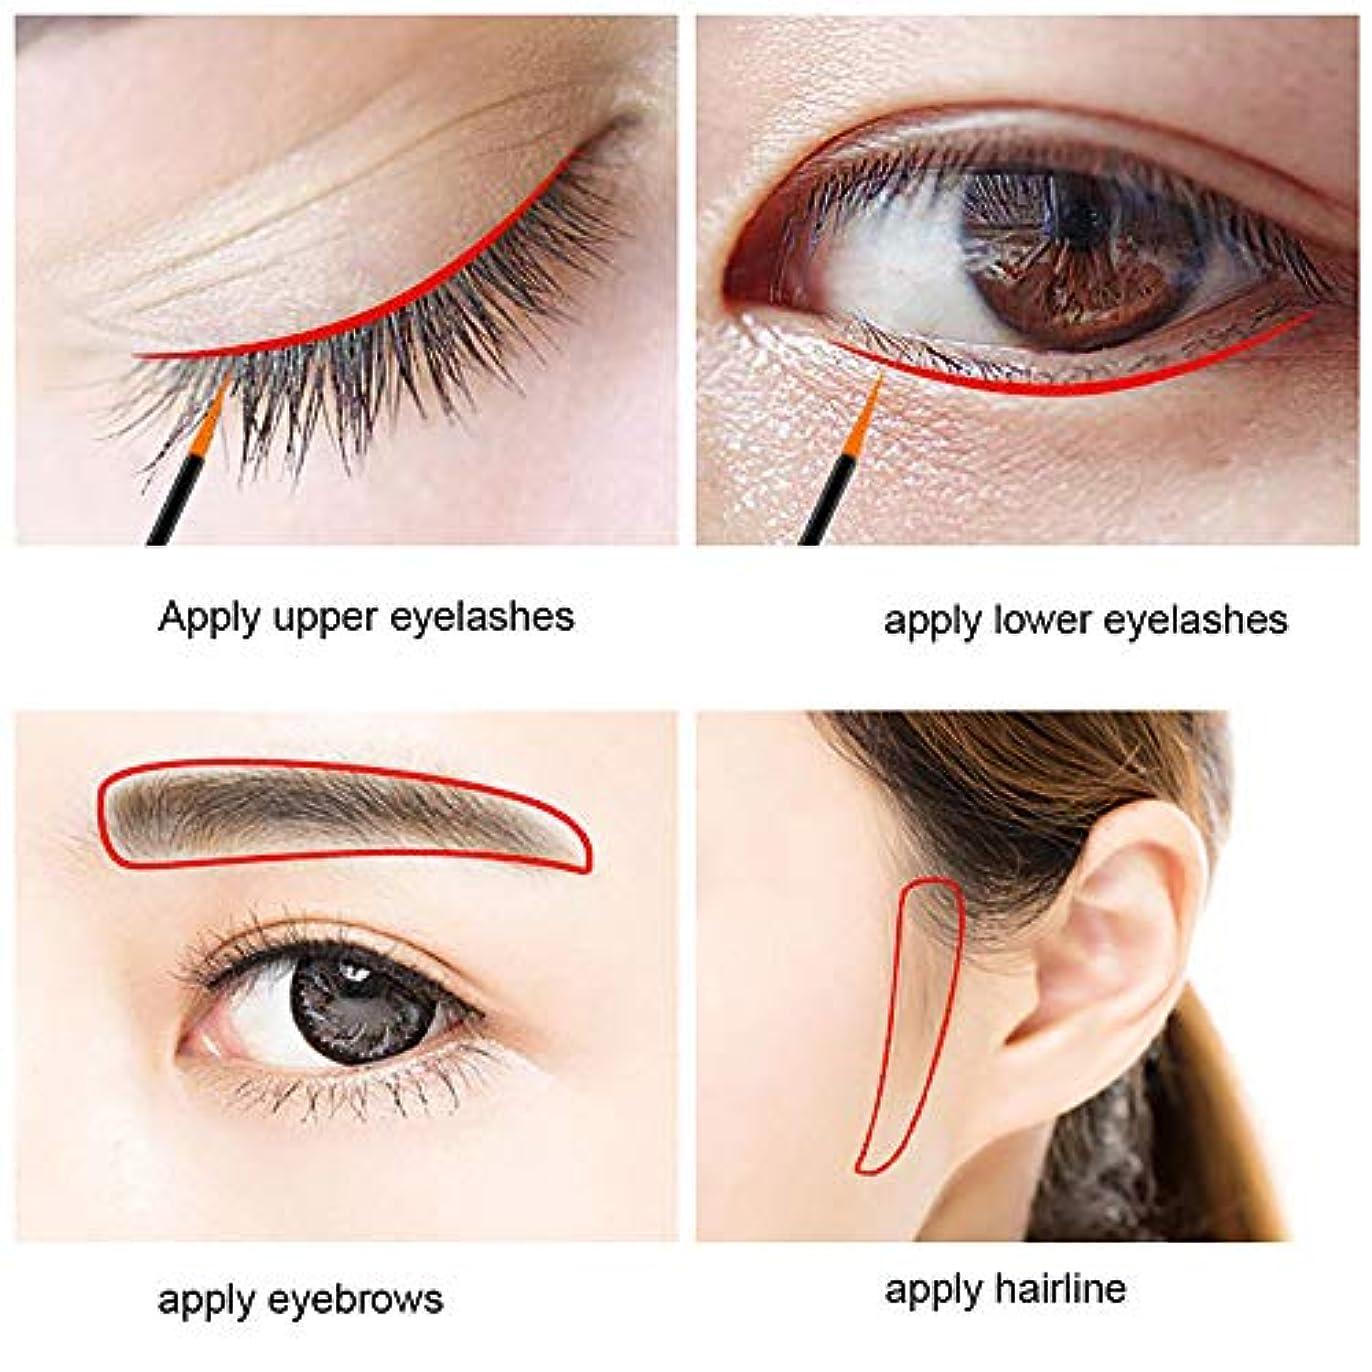 最も関数含める眉毛まつげ速い急速な成長の液体エンハンサー栄養液栄養